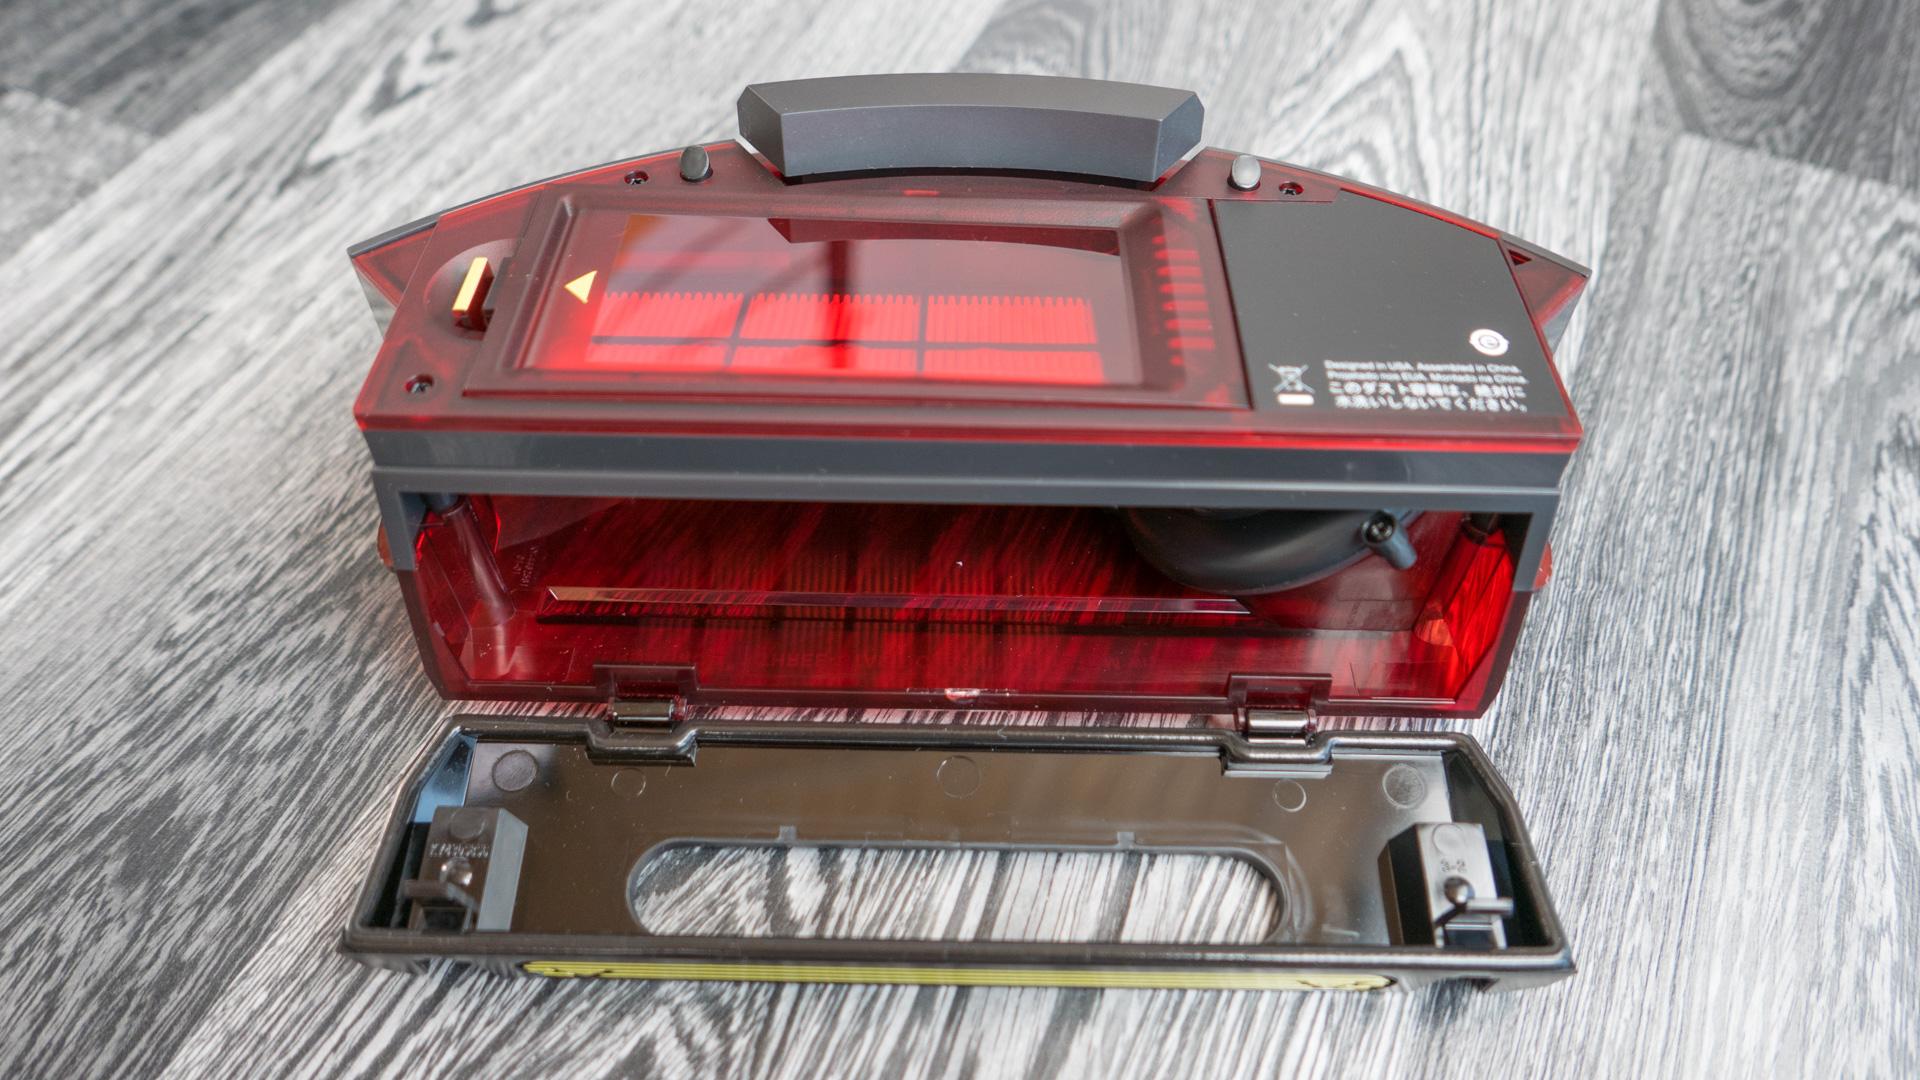 iRobot Roomba 980 Staubbehälter 09